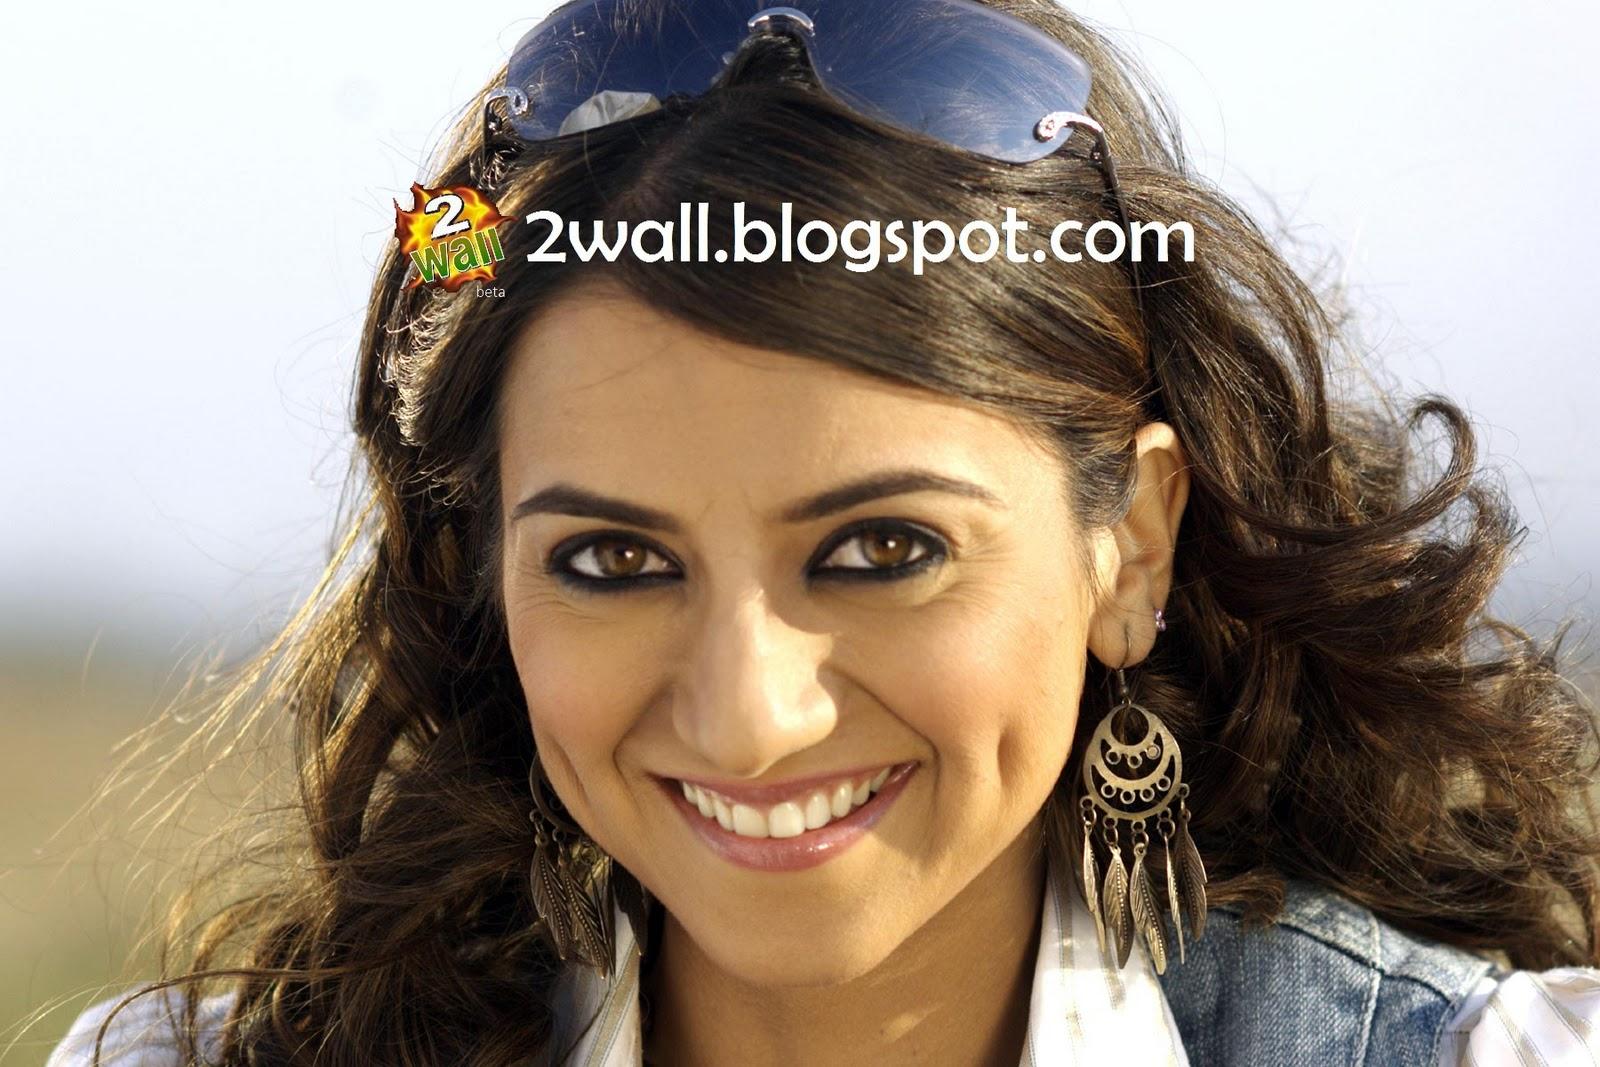 http://3.bp.blogspot.com/_3s5CHSQ3vWY/TSBYTjOgznI/AAAAAAAAAXU/KX9gHAutc9k/s1600/kulraj-randhawa-in-saree-wallpaper+copy.jpg